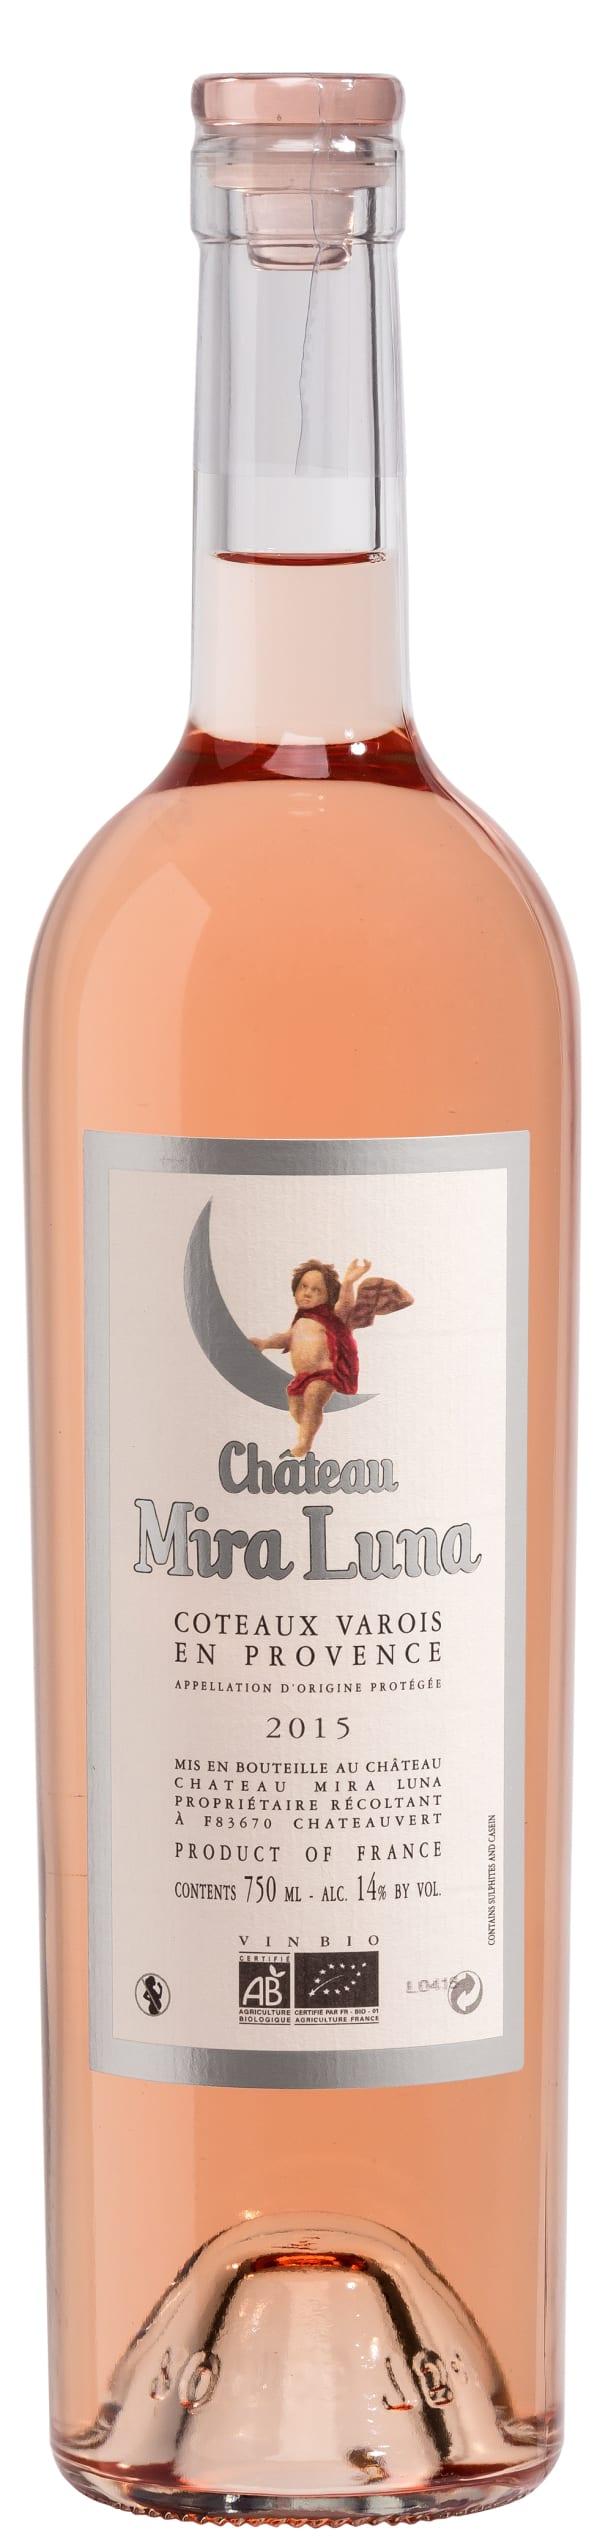 Château Mira Luna 2015